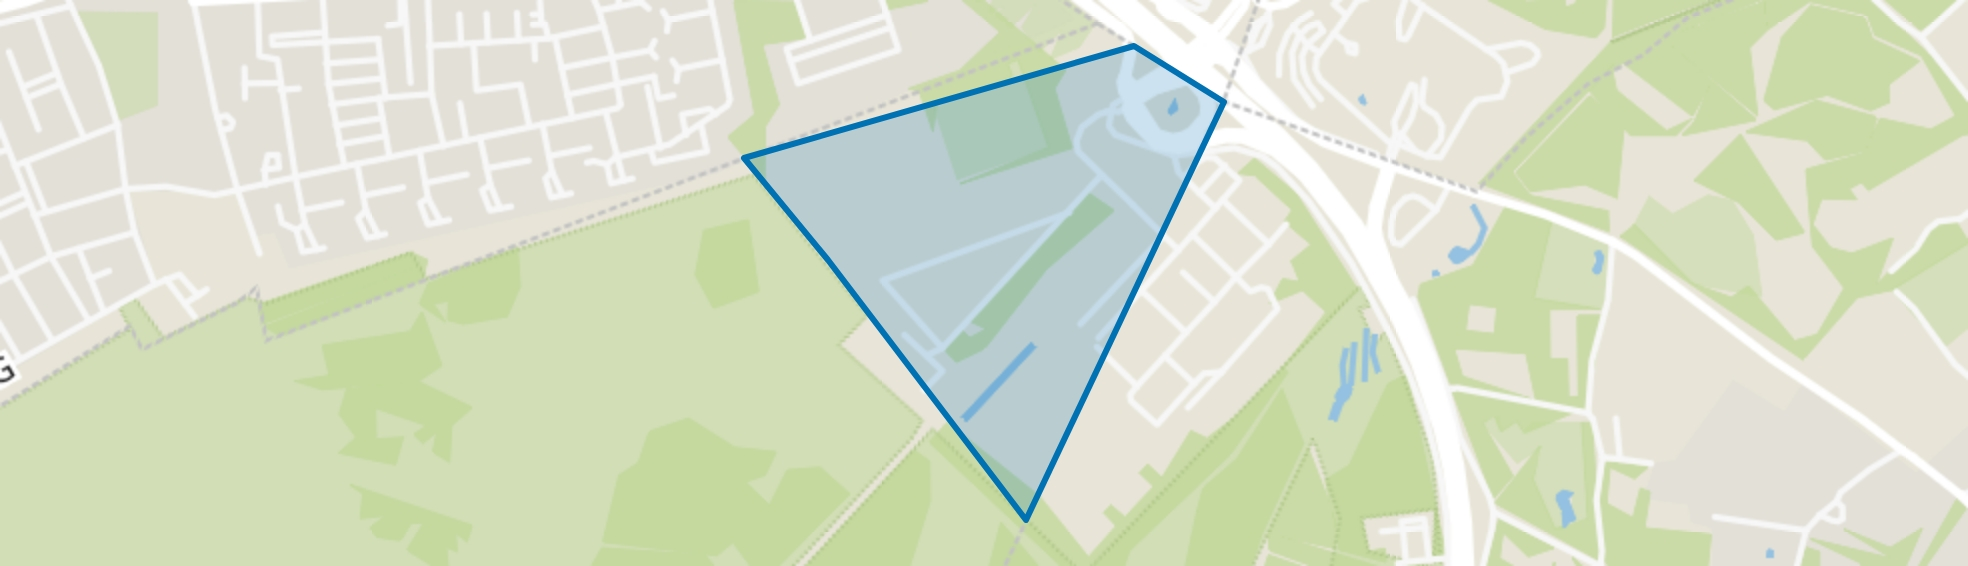 AZC Crailo, Hilversum map